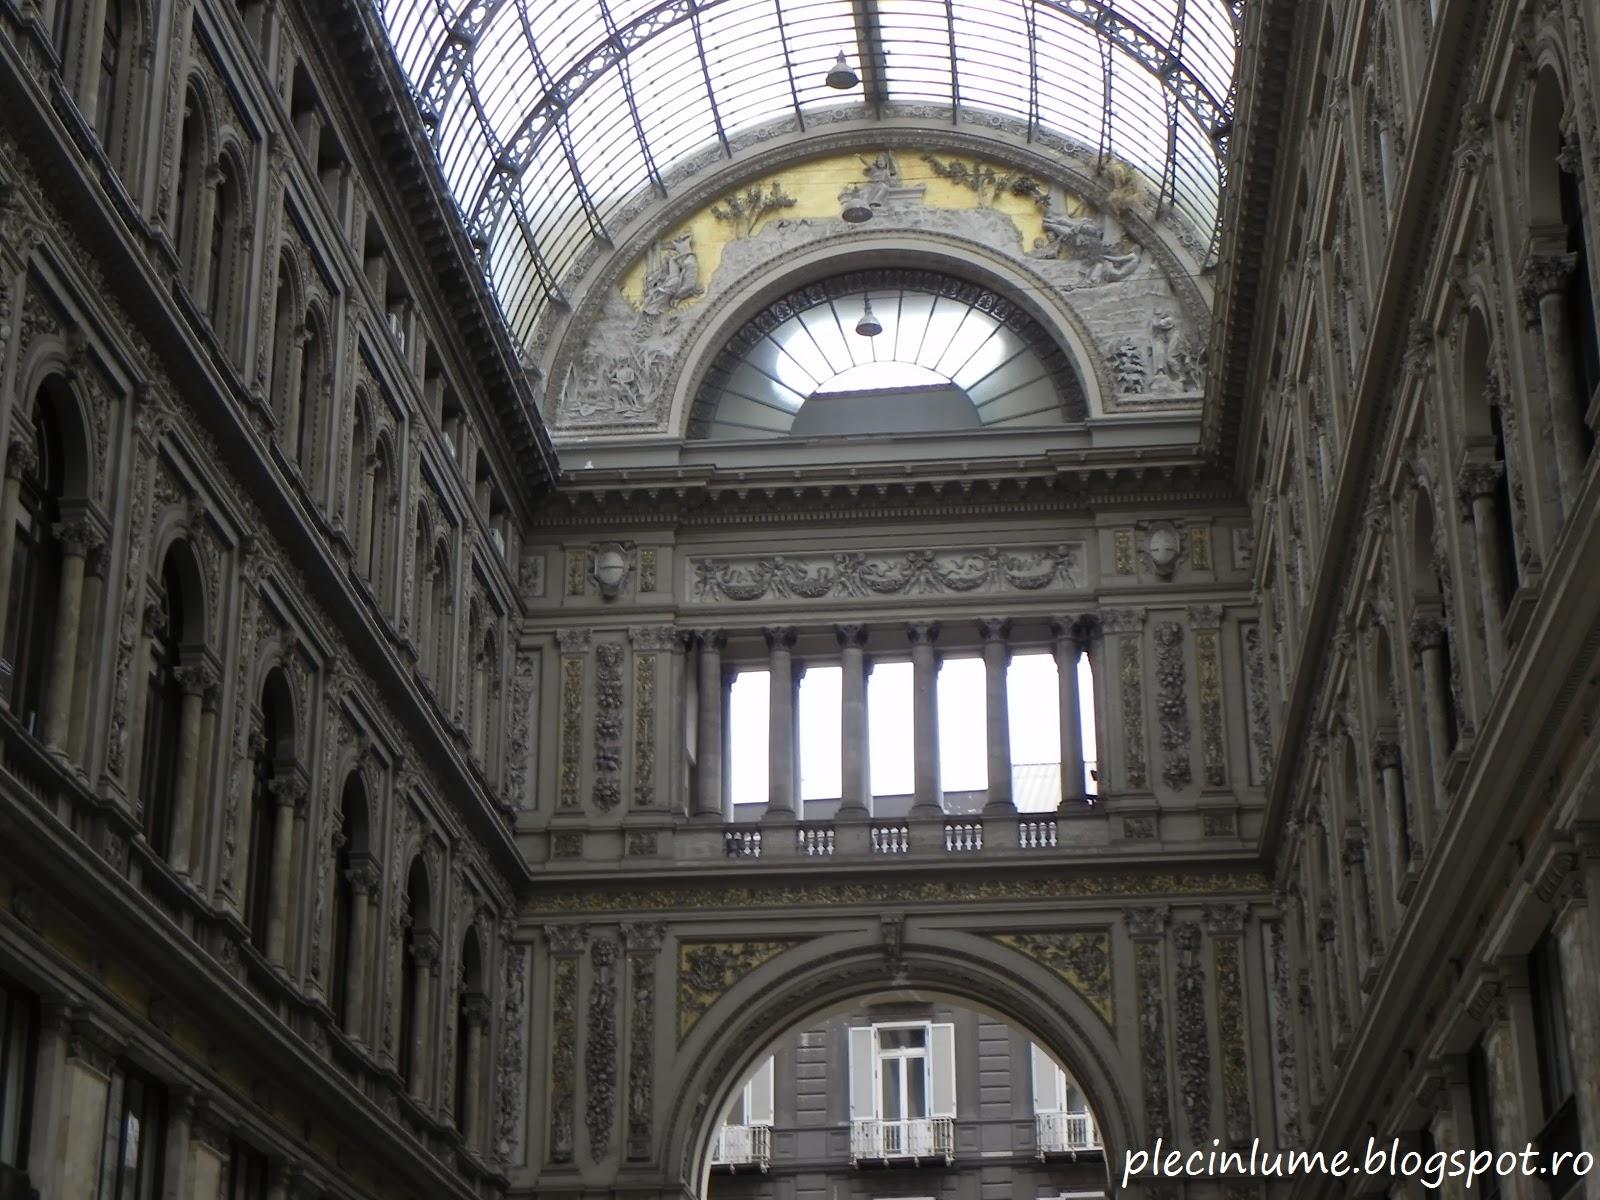 Sculpturi in Galeria Umberto